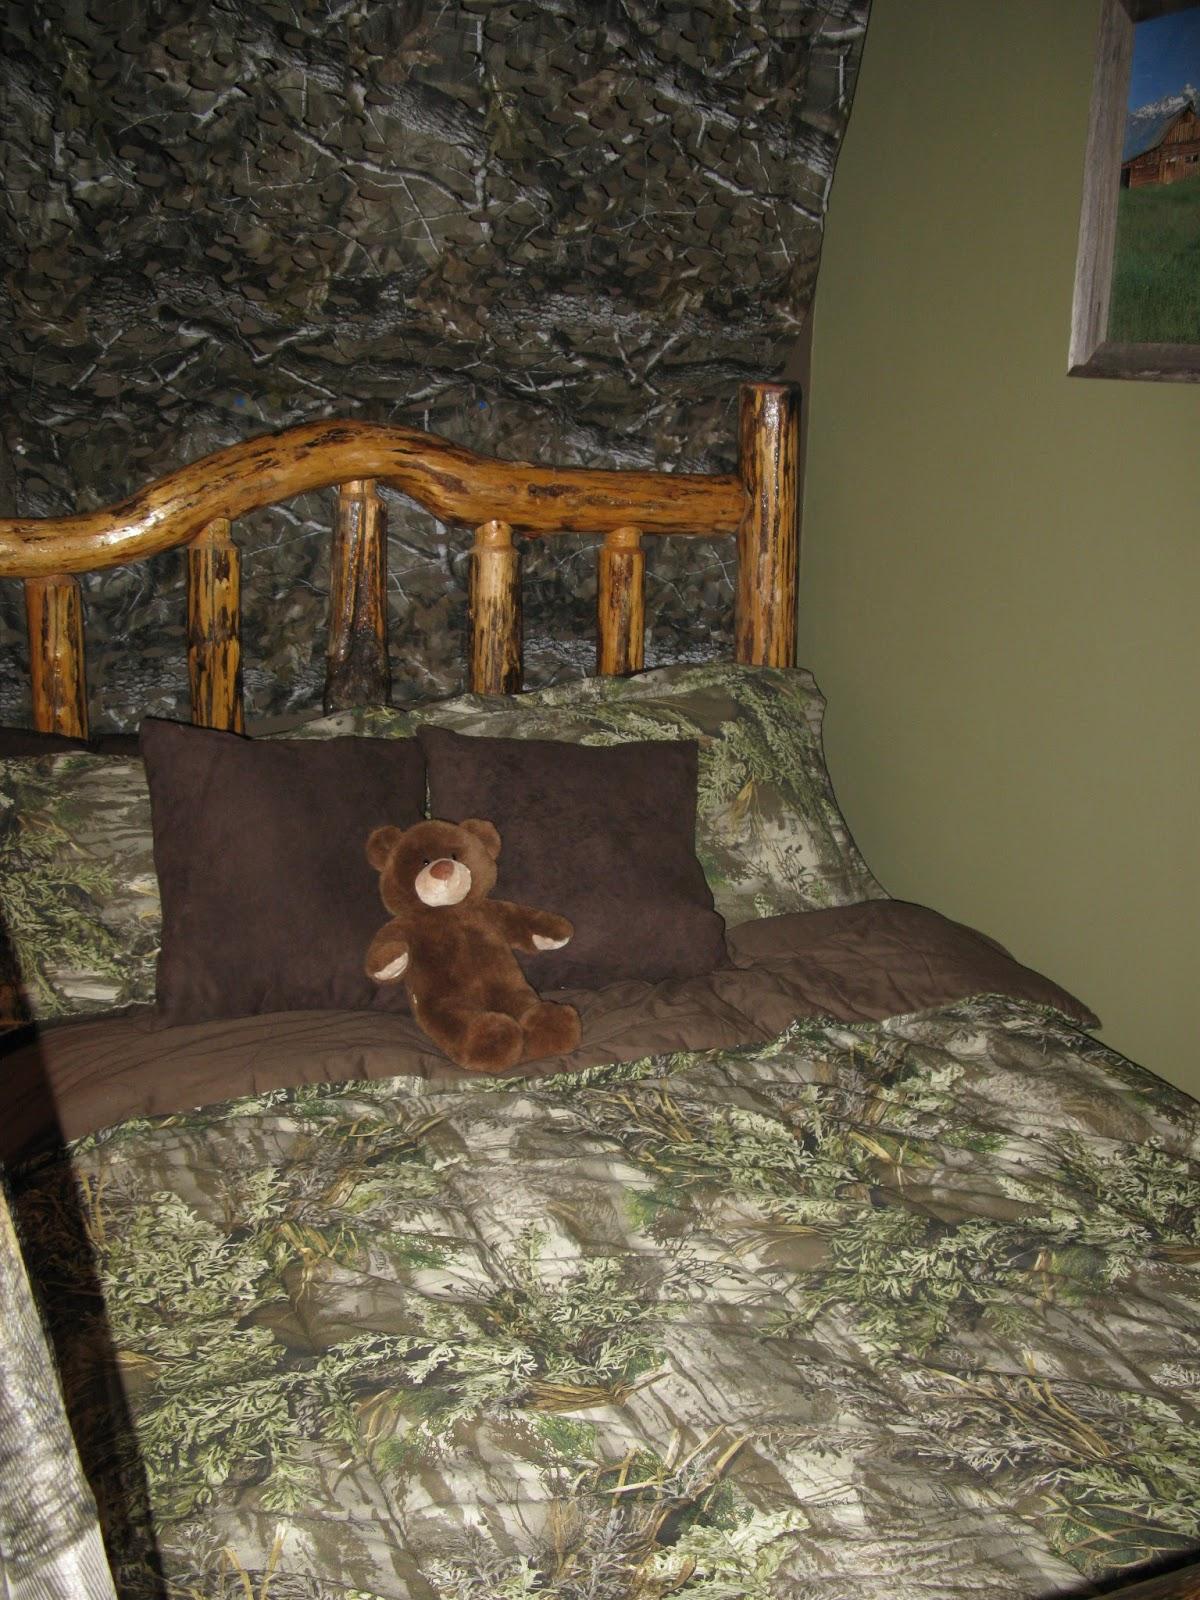 hunting bedroom ideas - Hunting Bedroom Decor